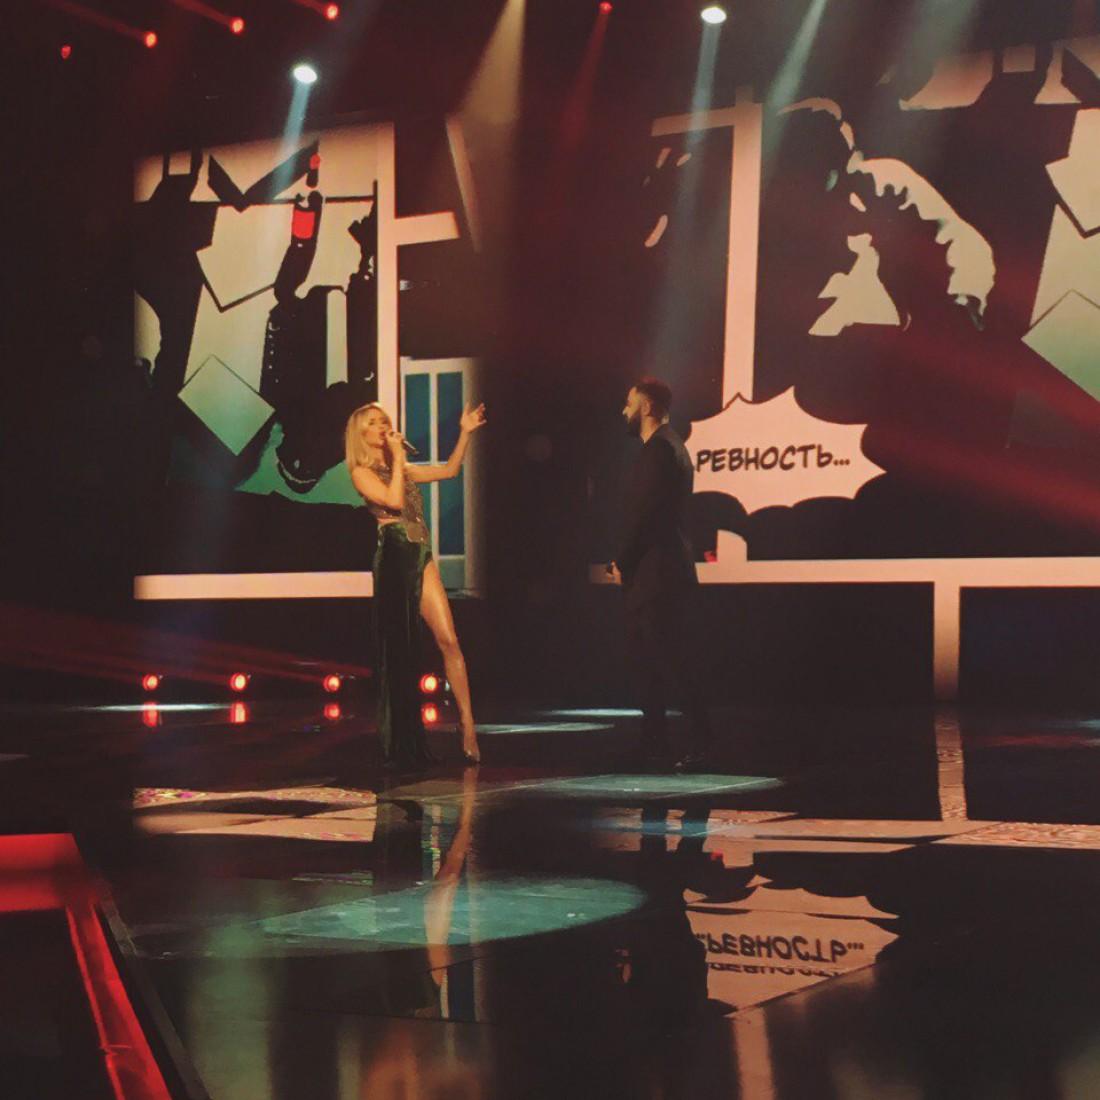 Х-фактор 7 сезон 7 прямой эфир: дуэт Светланы Лободы и Севака